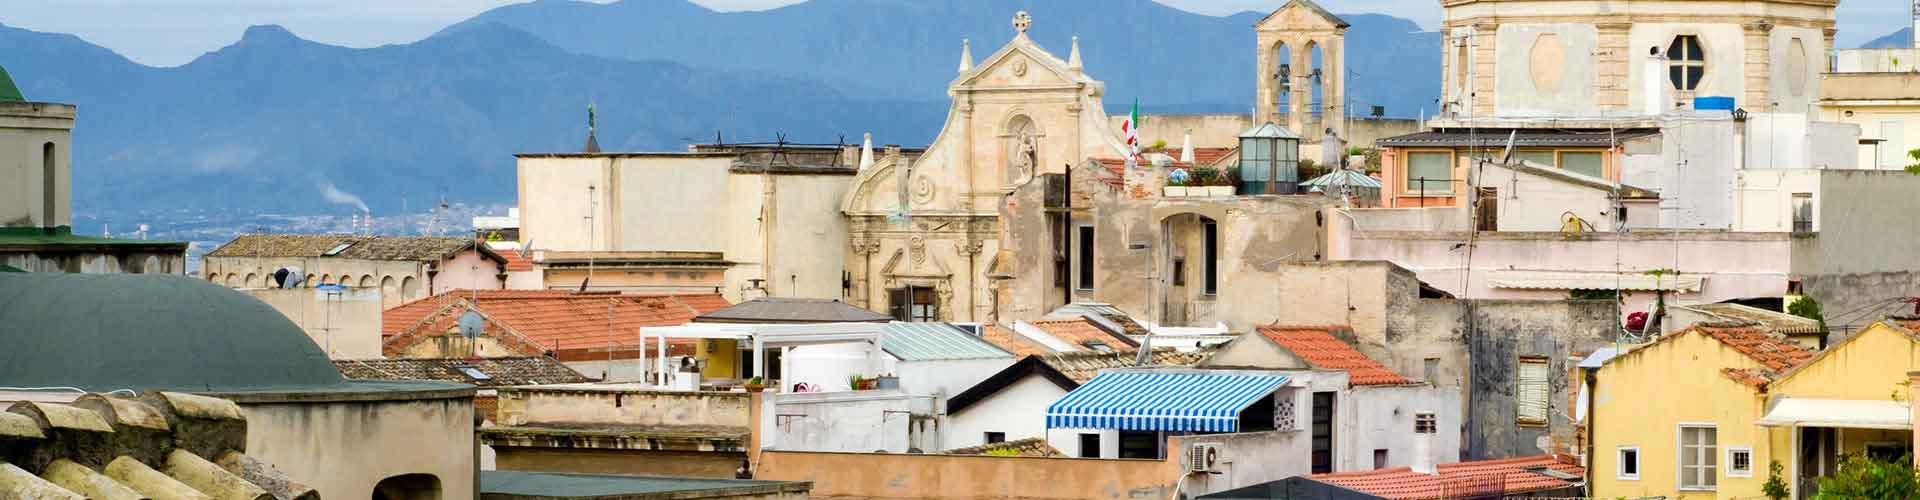 Cagliari - Habitaciones en Cagliari. Mapas de Cagliari, Fotos y comentarios de cada Habitación en Cagliari.